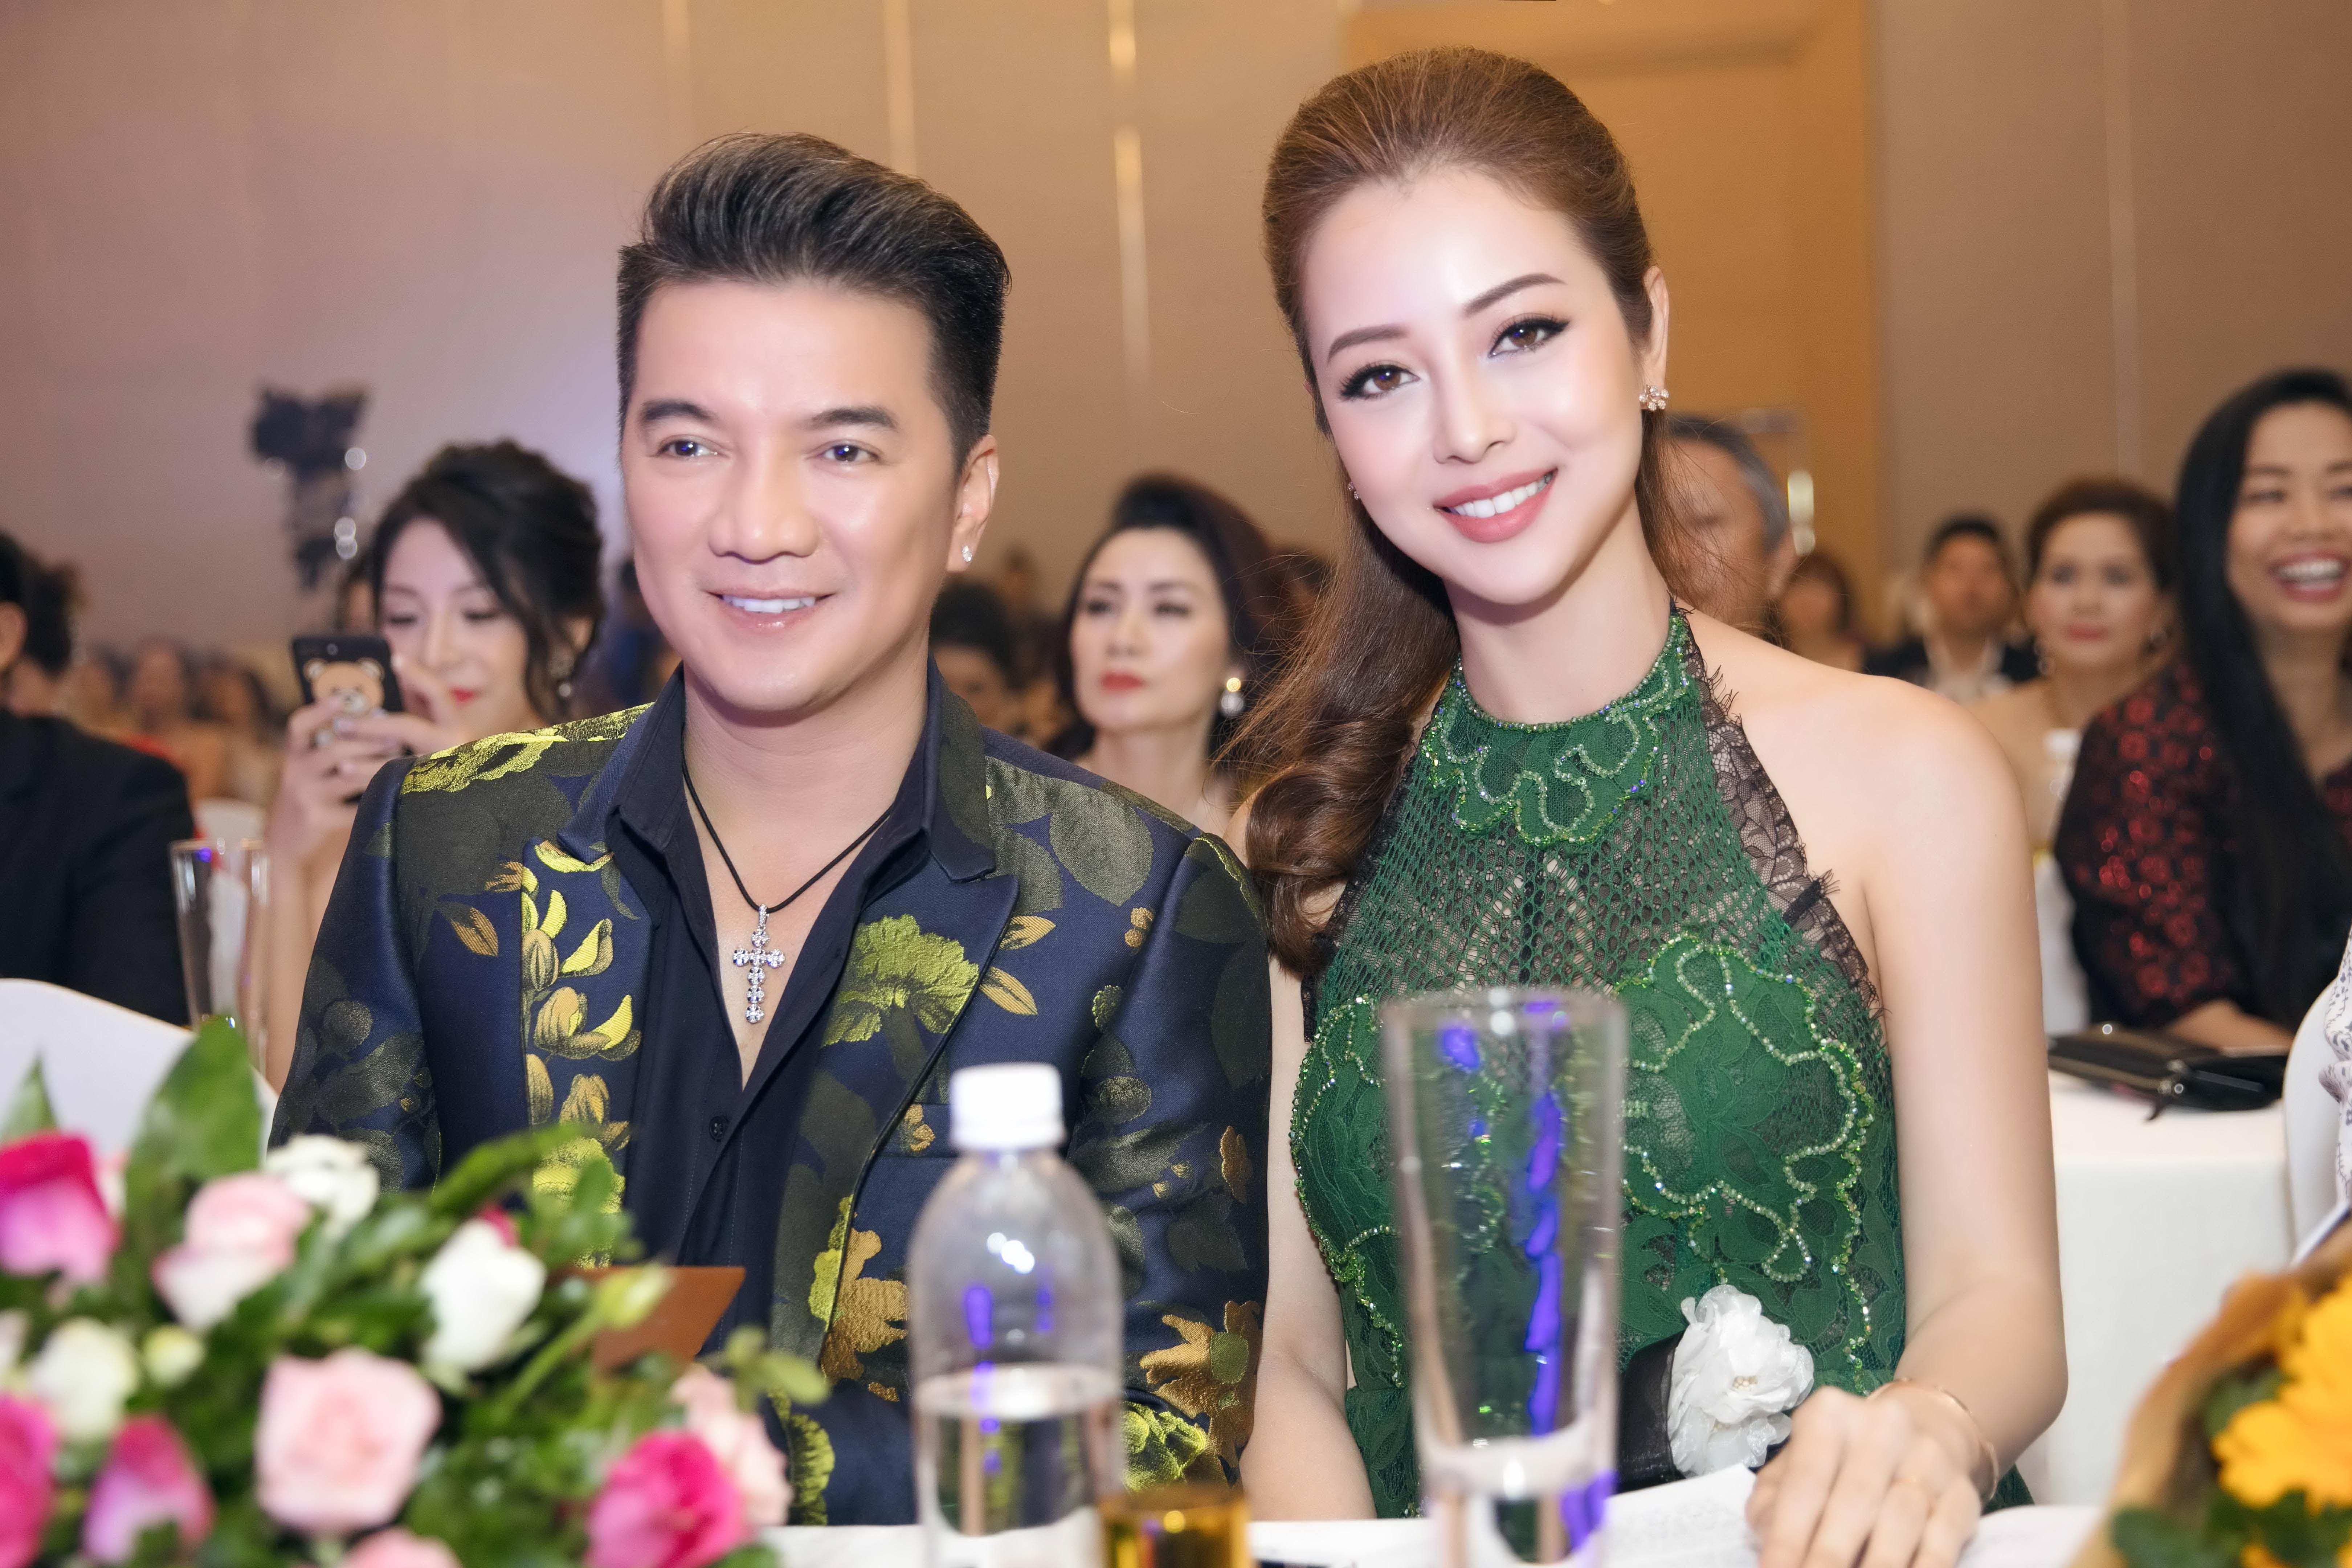 Jennifer Phạm, Đàm Vĩnh Hưng làm giám khảo Nữ hoàng doanh nhân đất Việt - Ảnh 2.